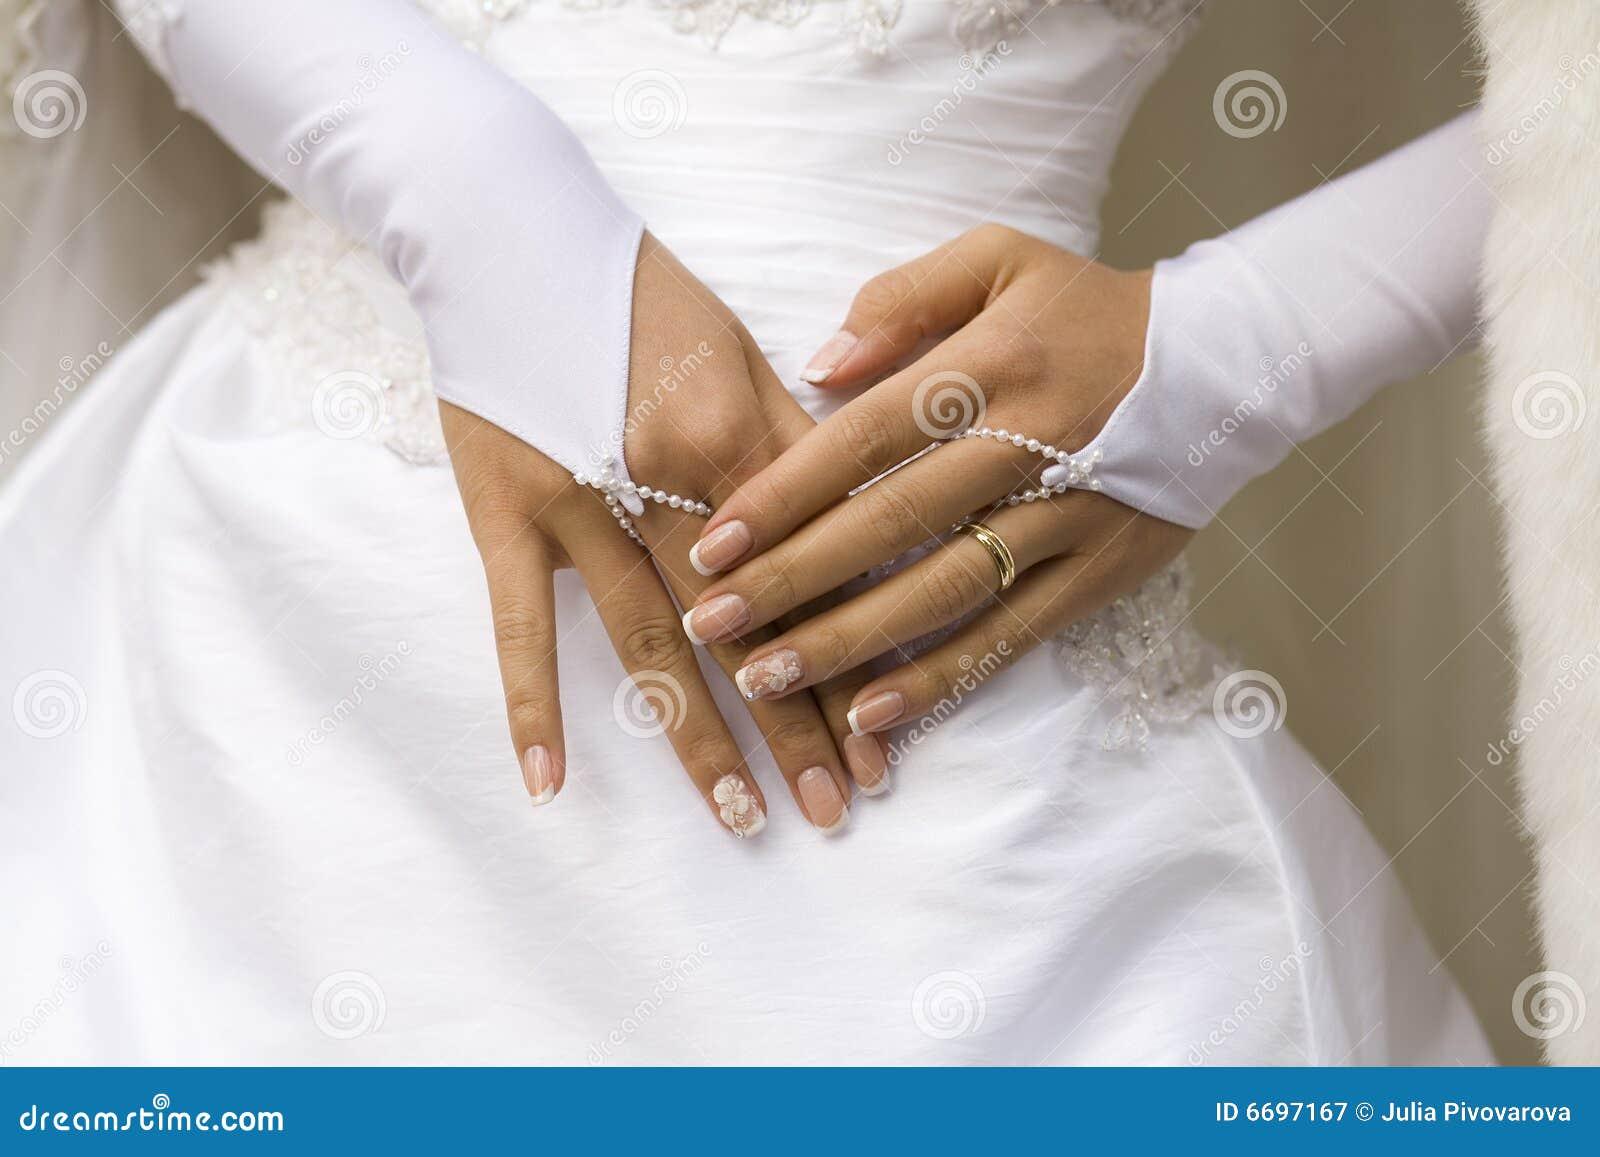 Hände der Braut mit Maniküre